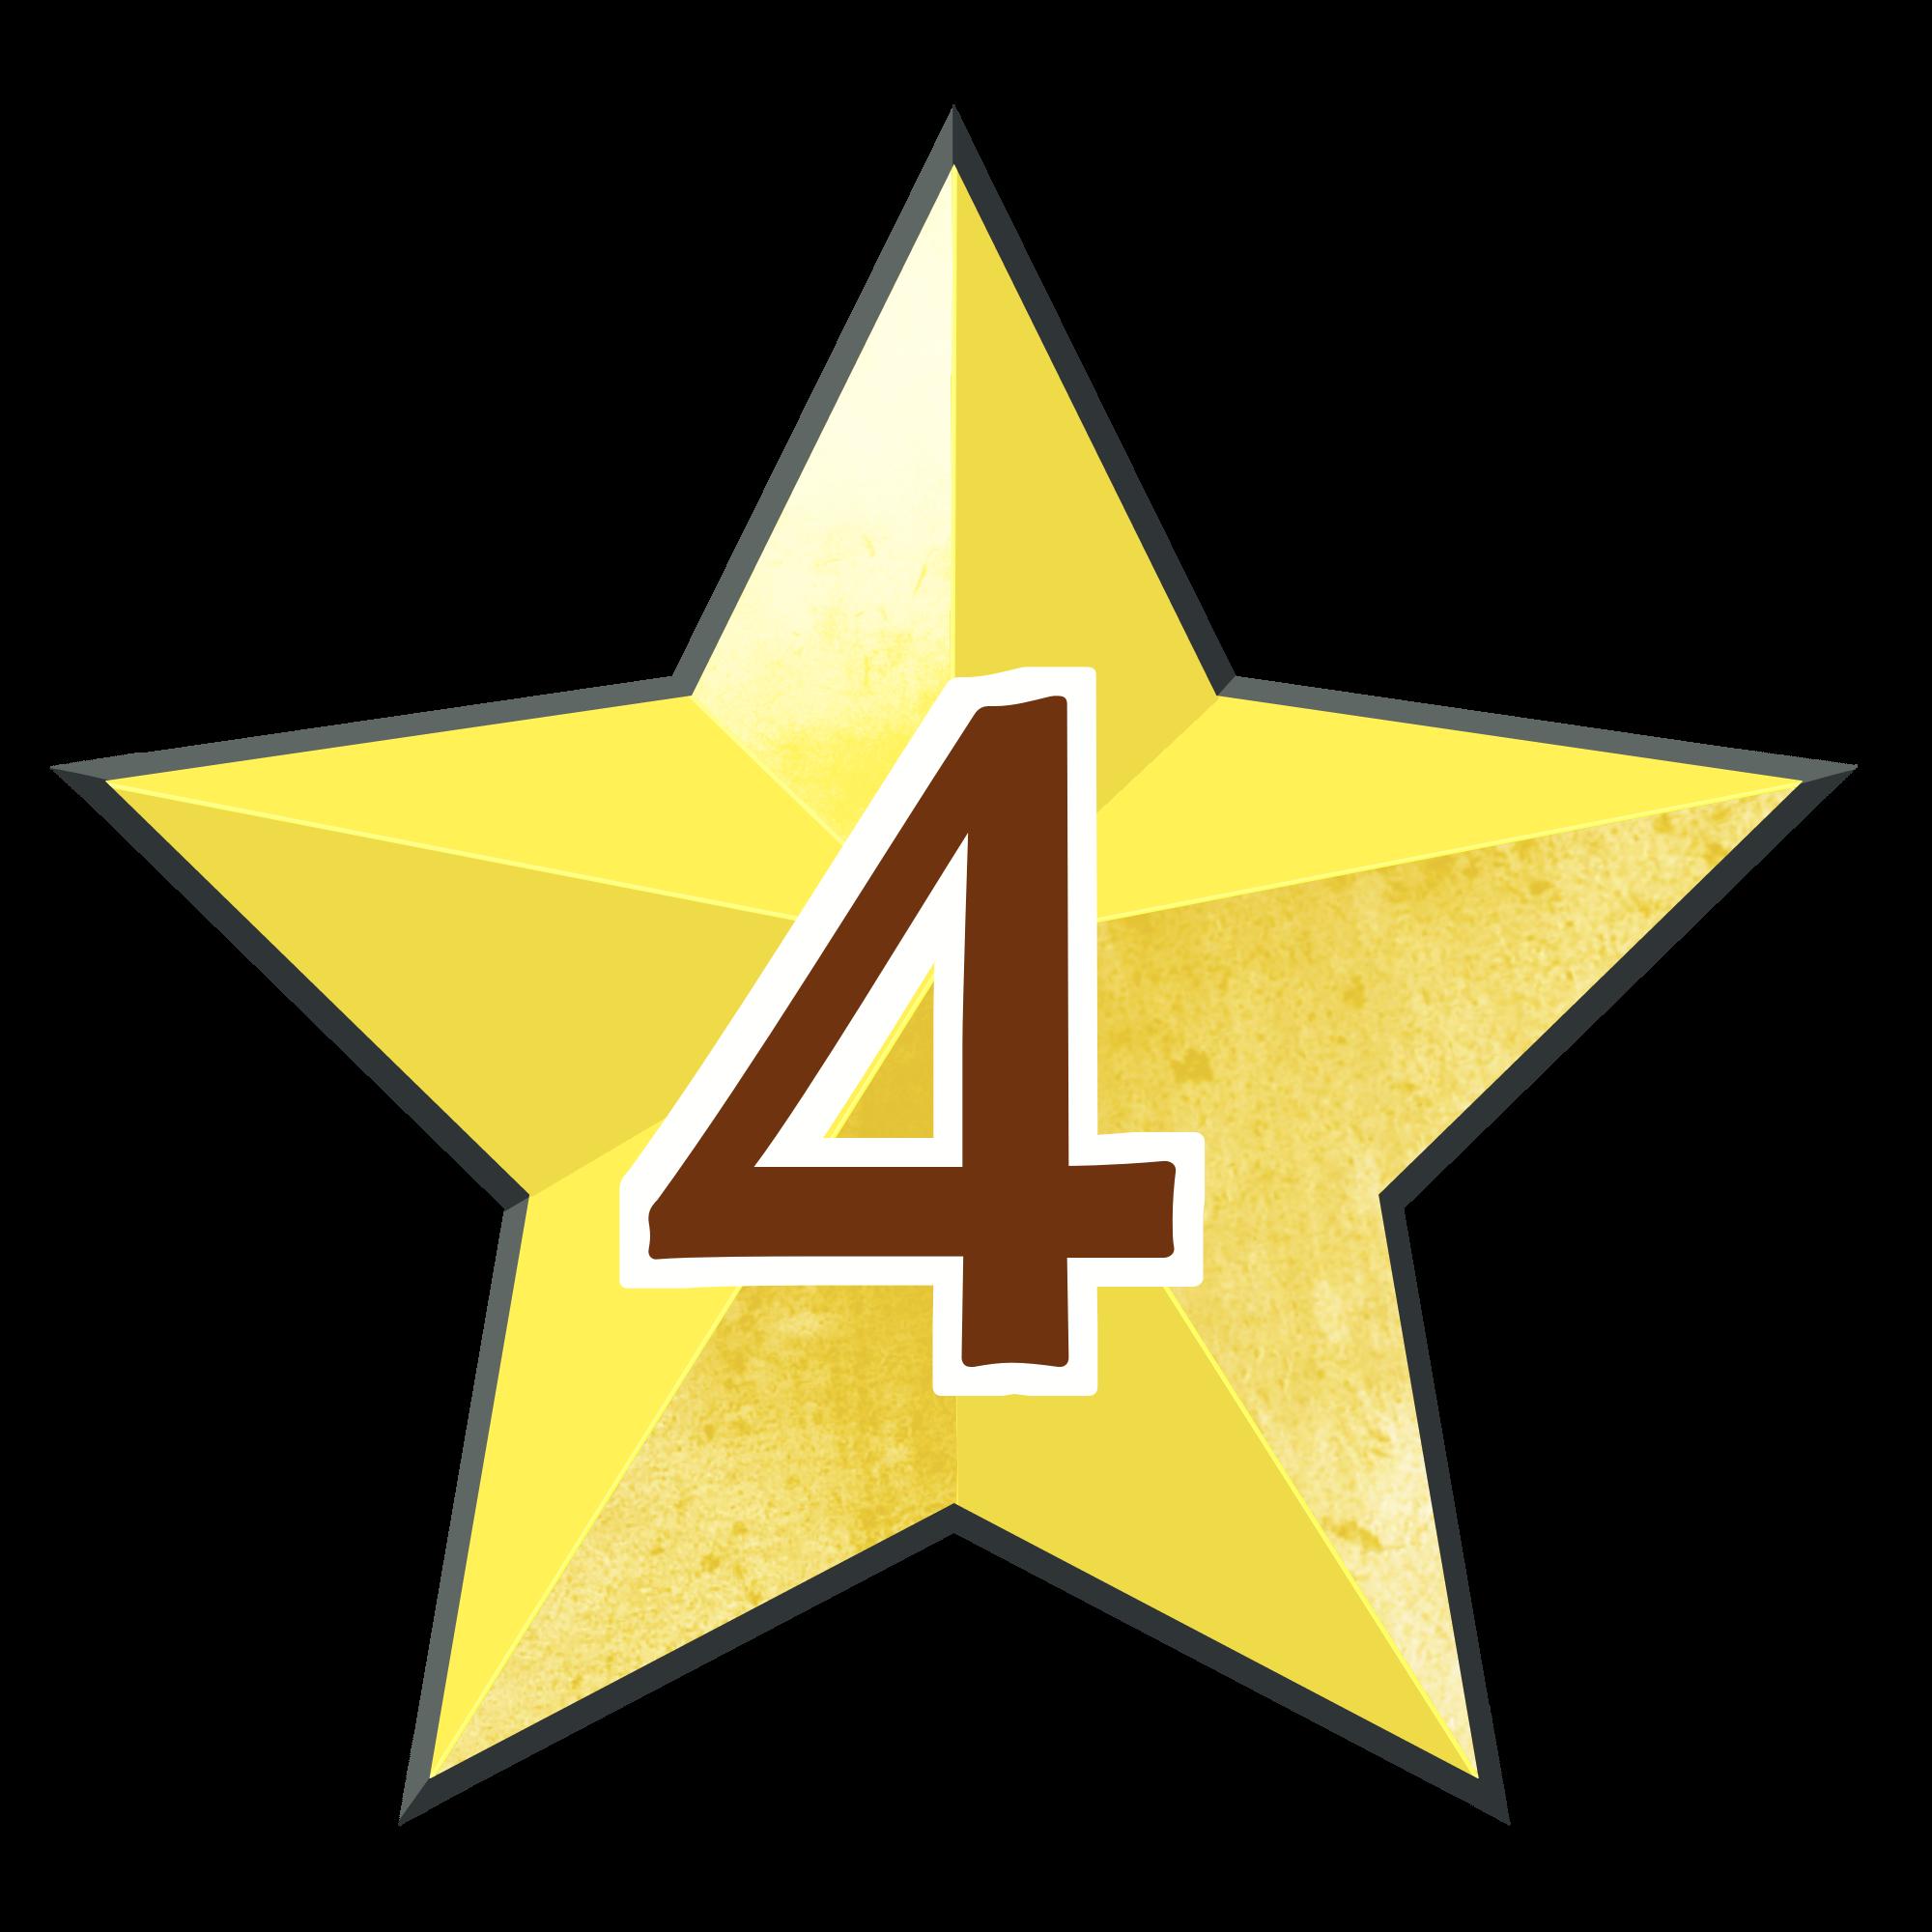 星4聖痕の画像